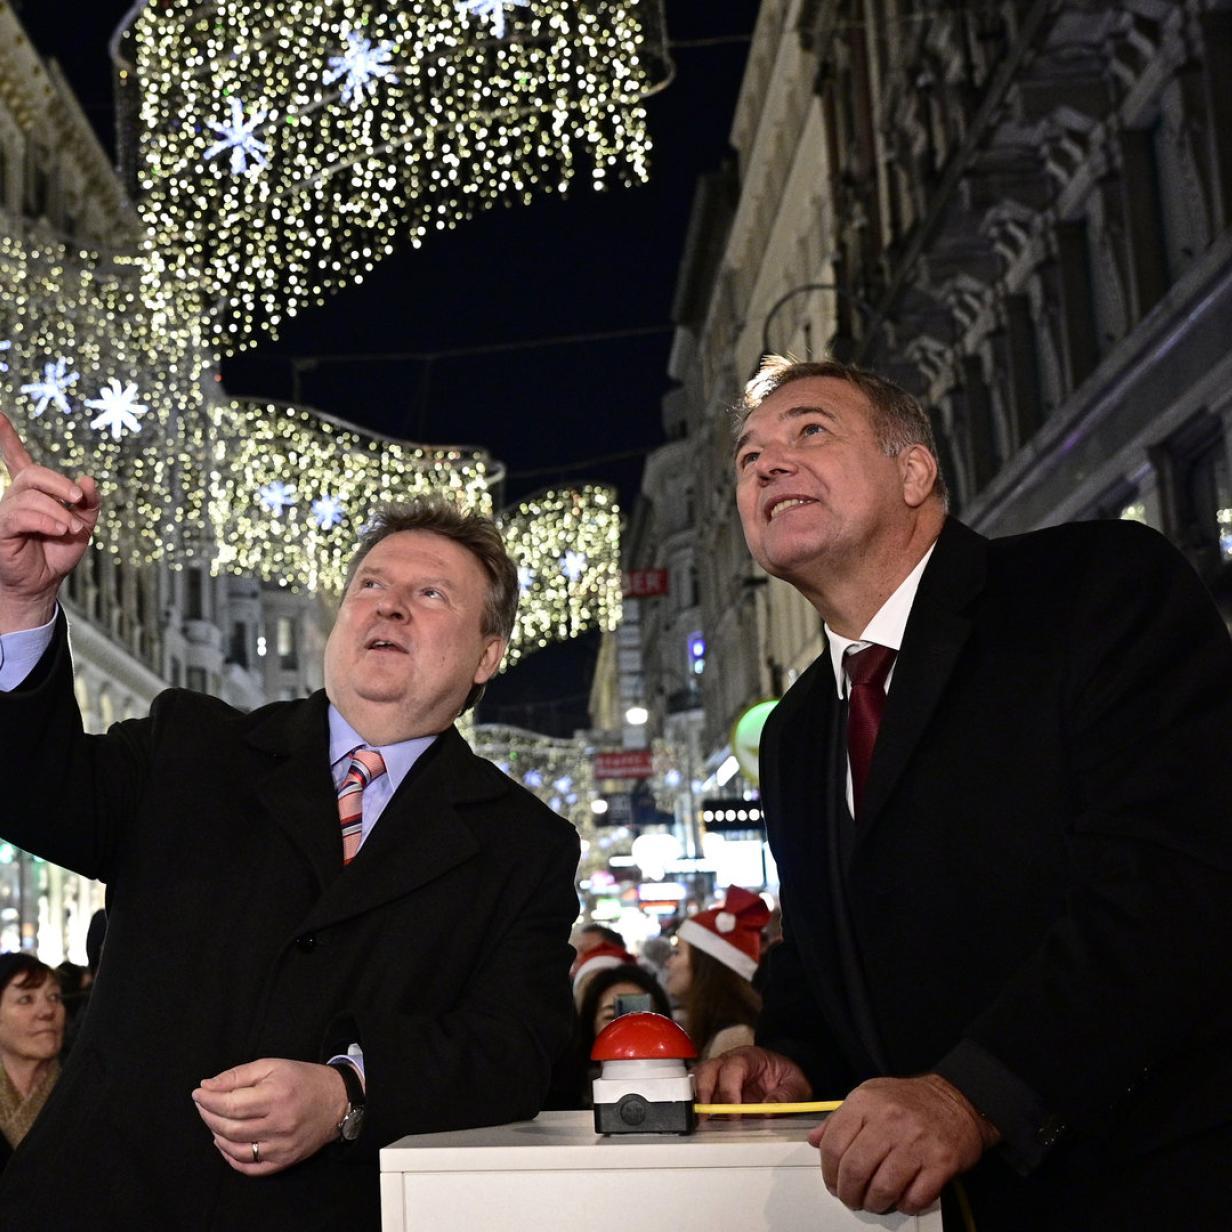 Sterne, Kugeln, Luster: So sind die Wiener Einkaufsstraßen beleuchtet